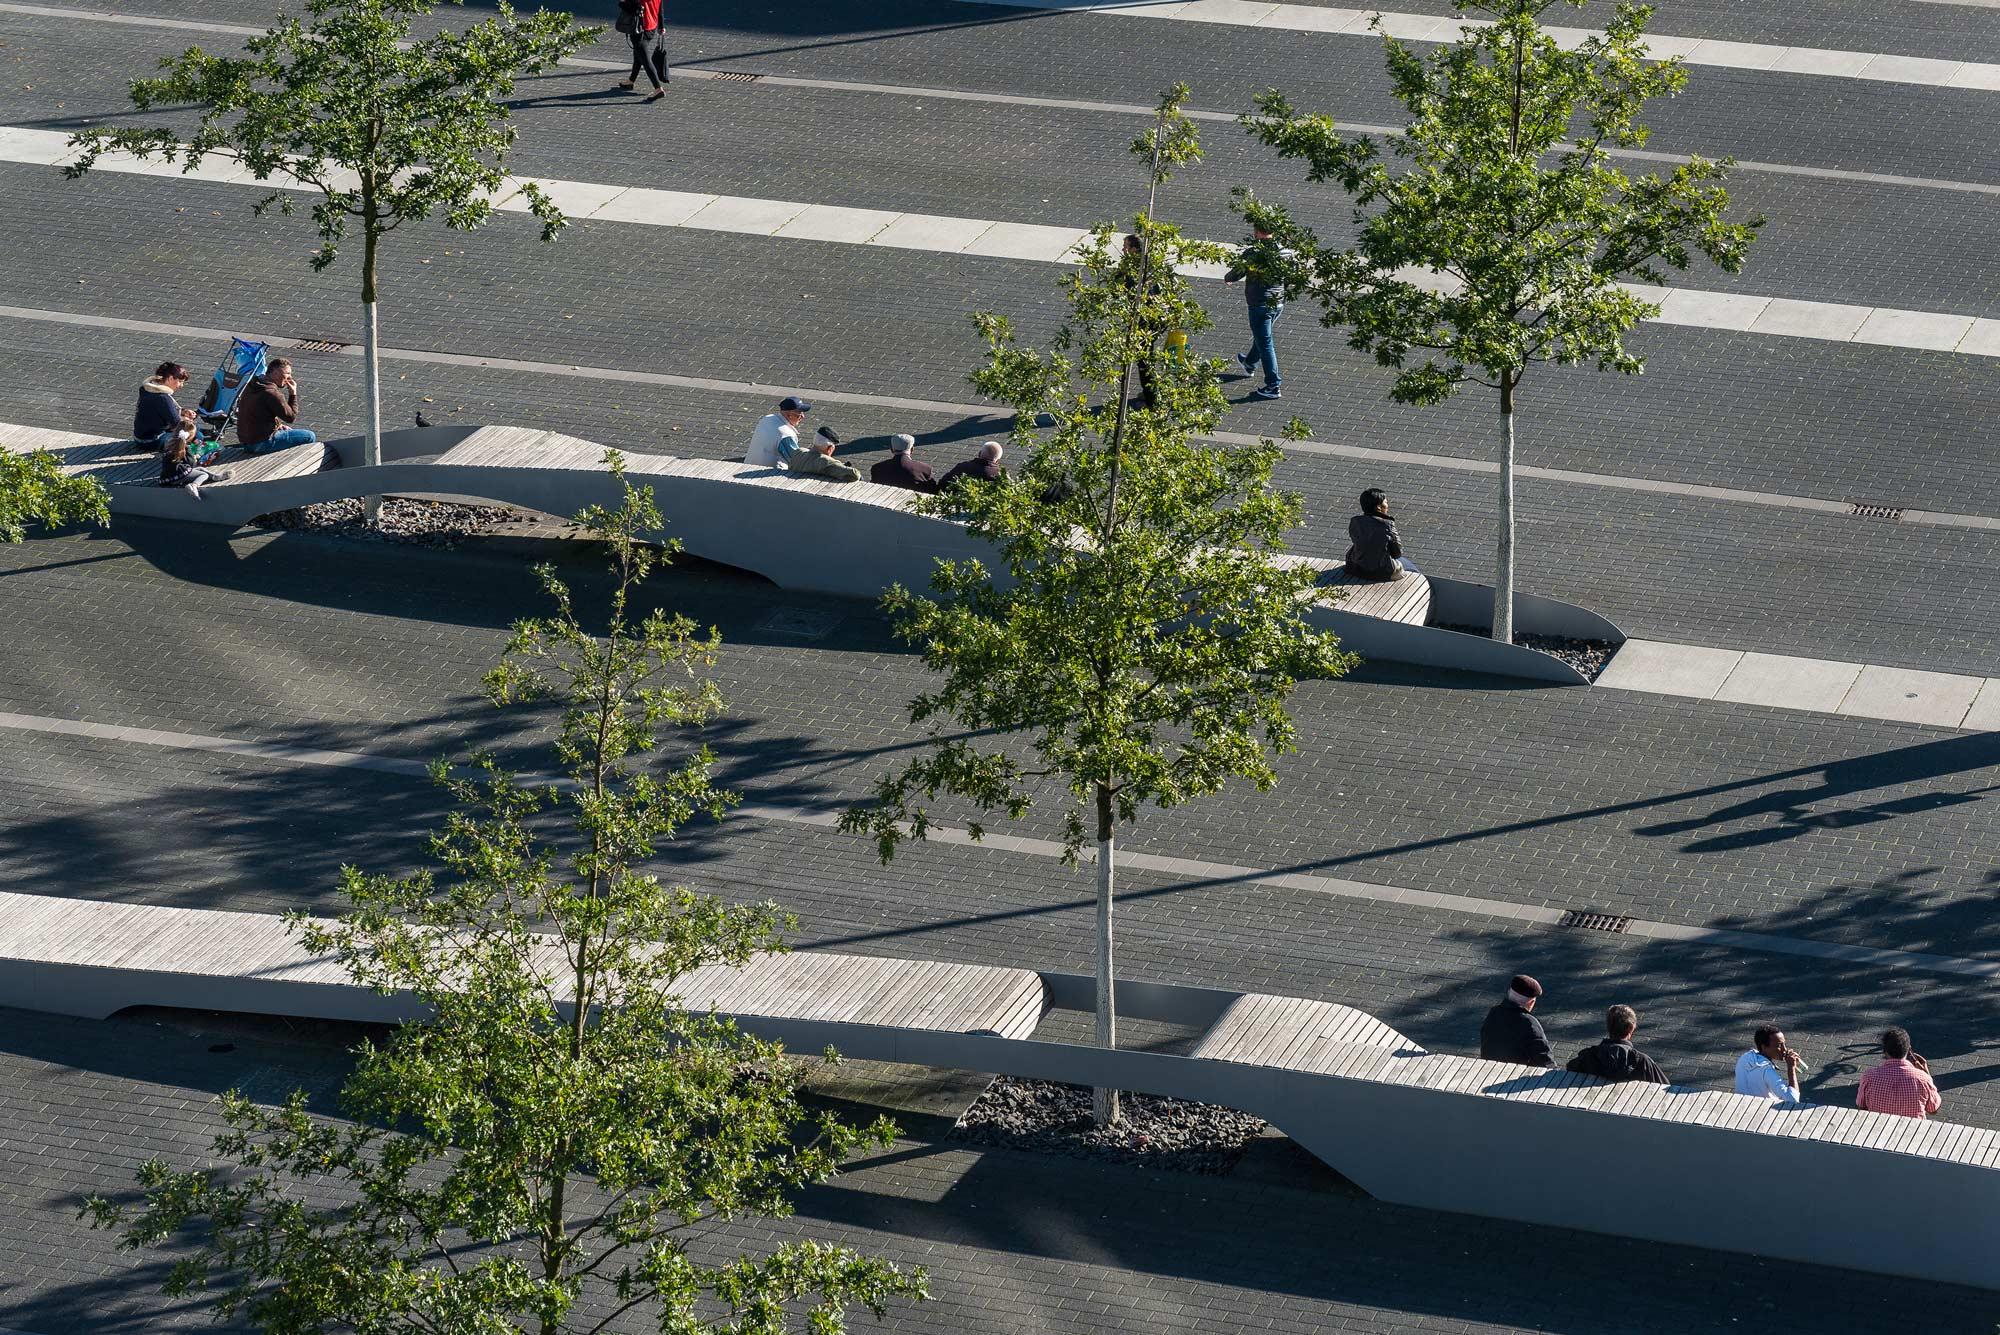 Anspruchsvoll Rmp Landschaftsarchitekten Galerie Von Berta Kröger Plaza By Relais